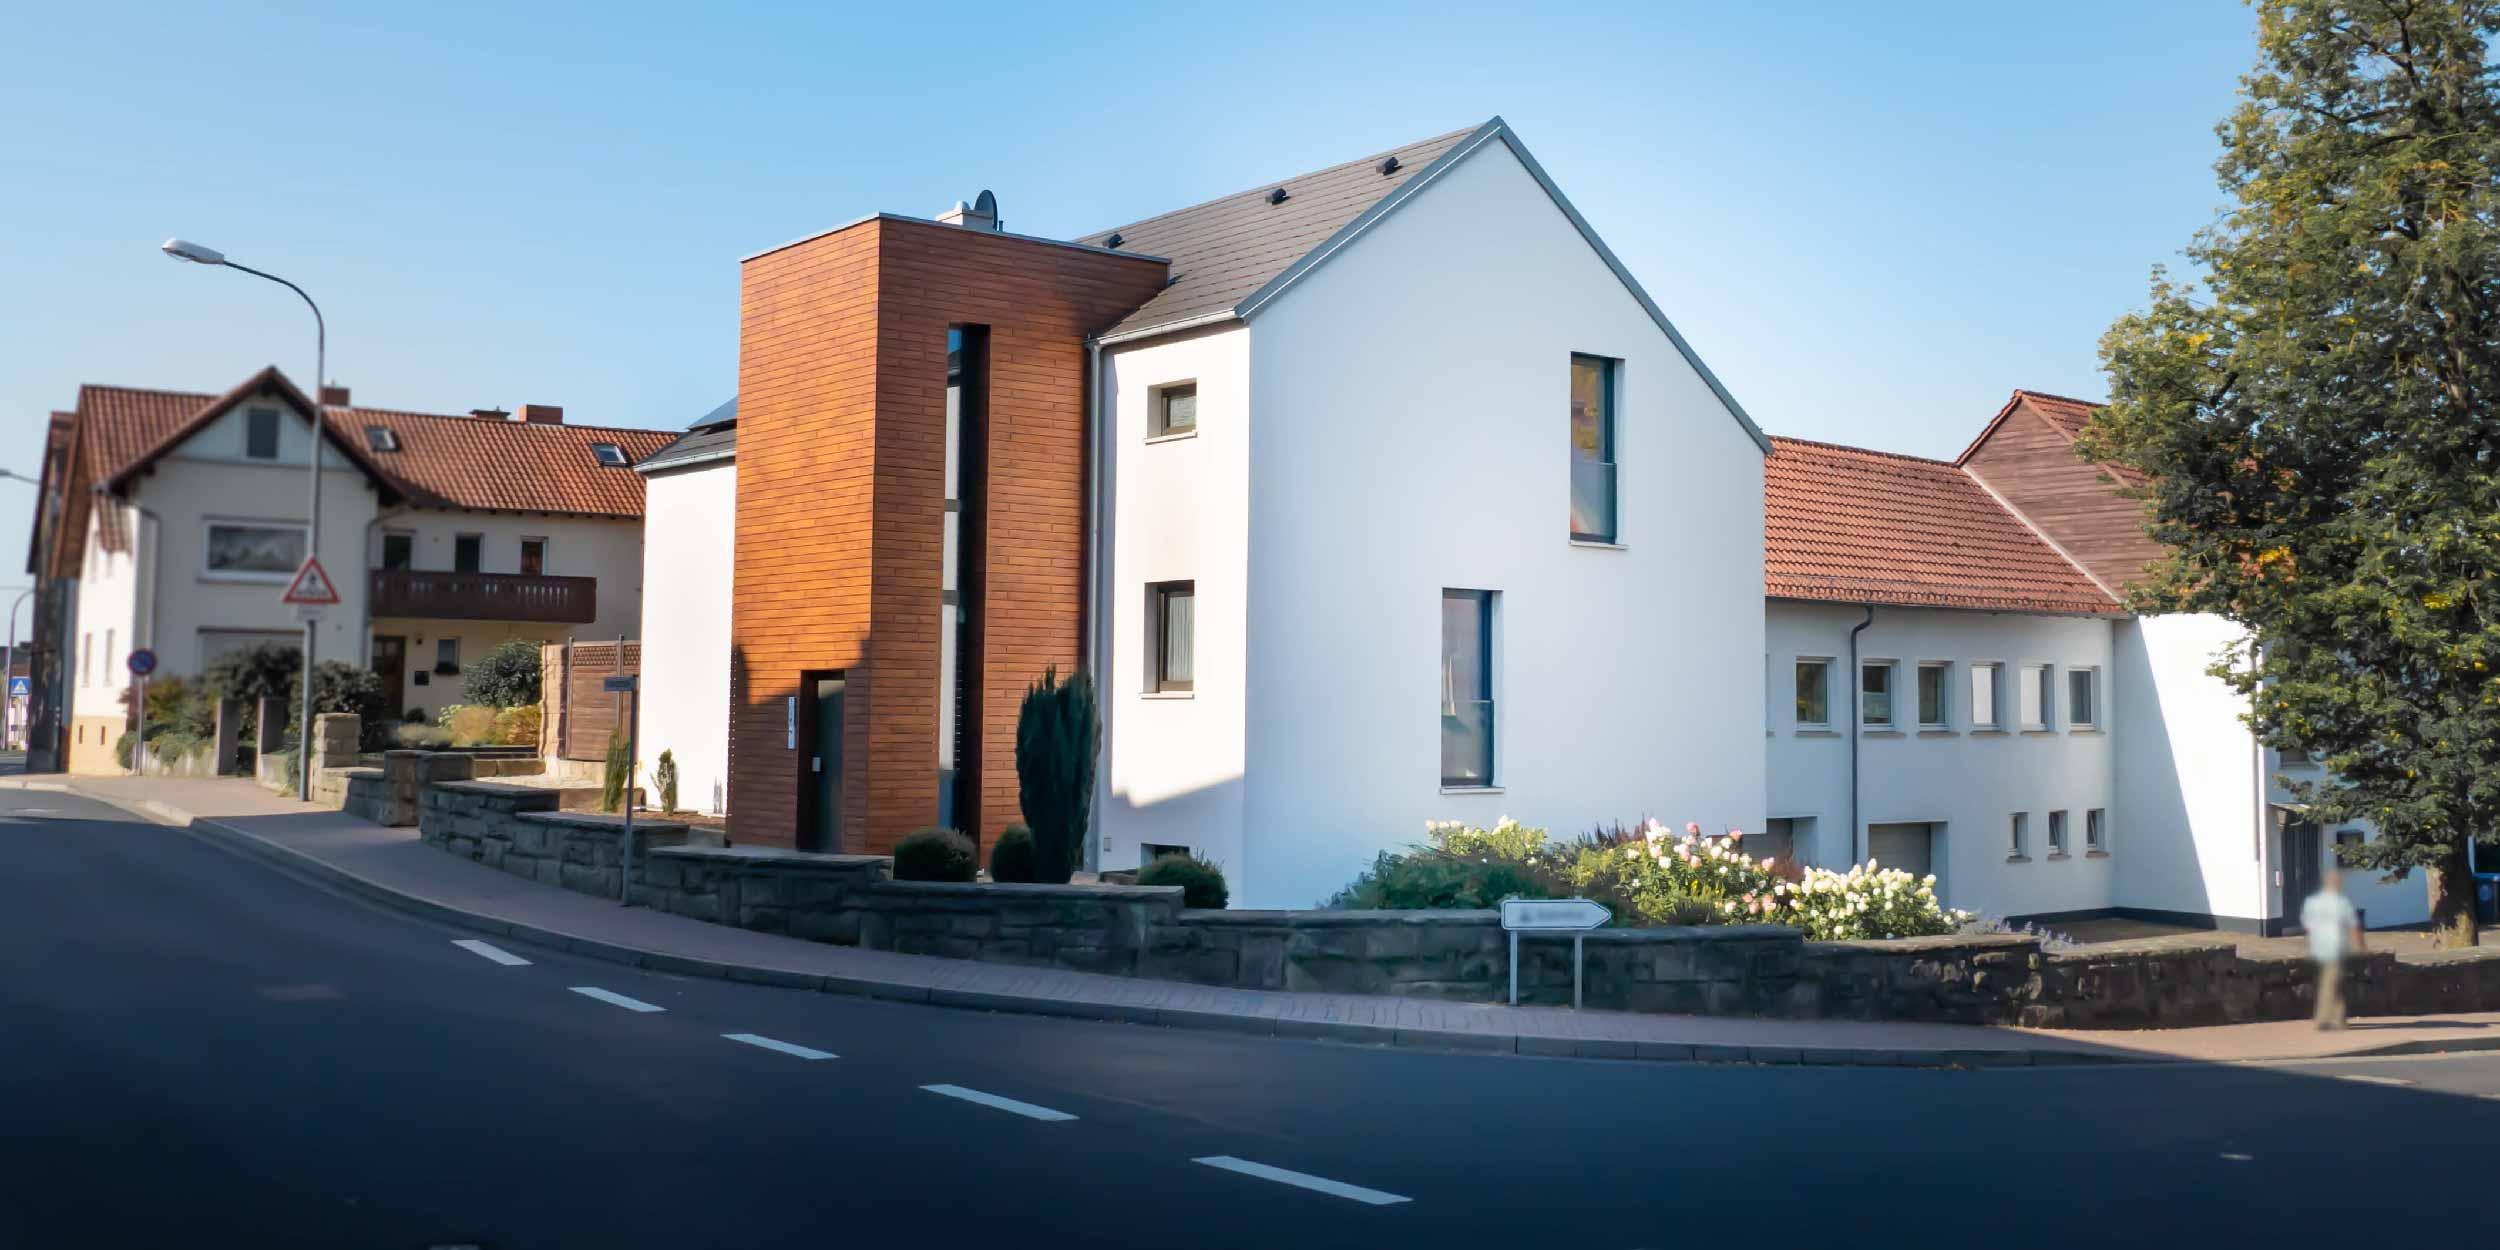 bauunternehmen_wingenfeld_gmbh_bauen_fulda_neuhof_neubau_pfarrheim